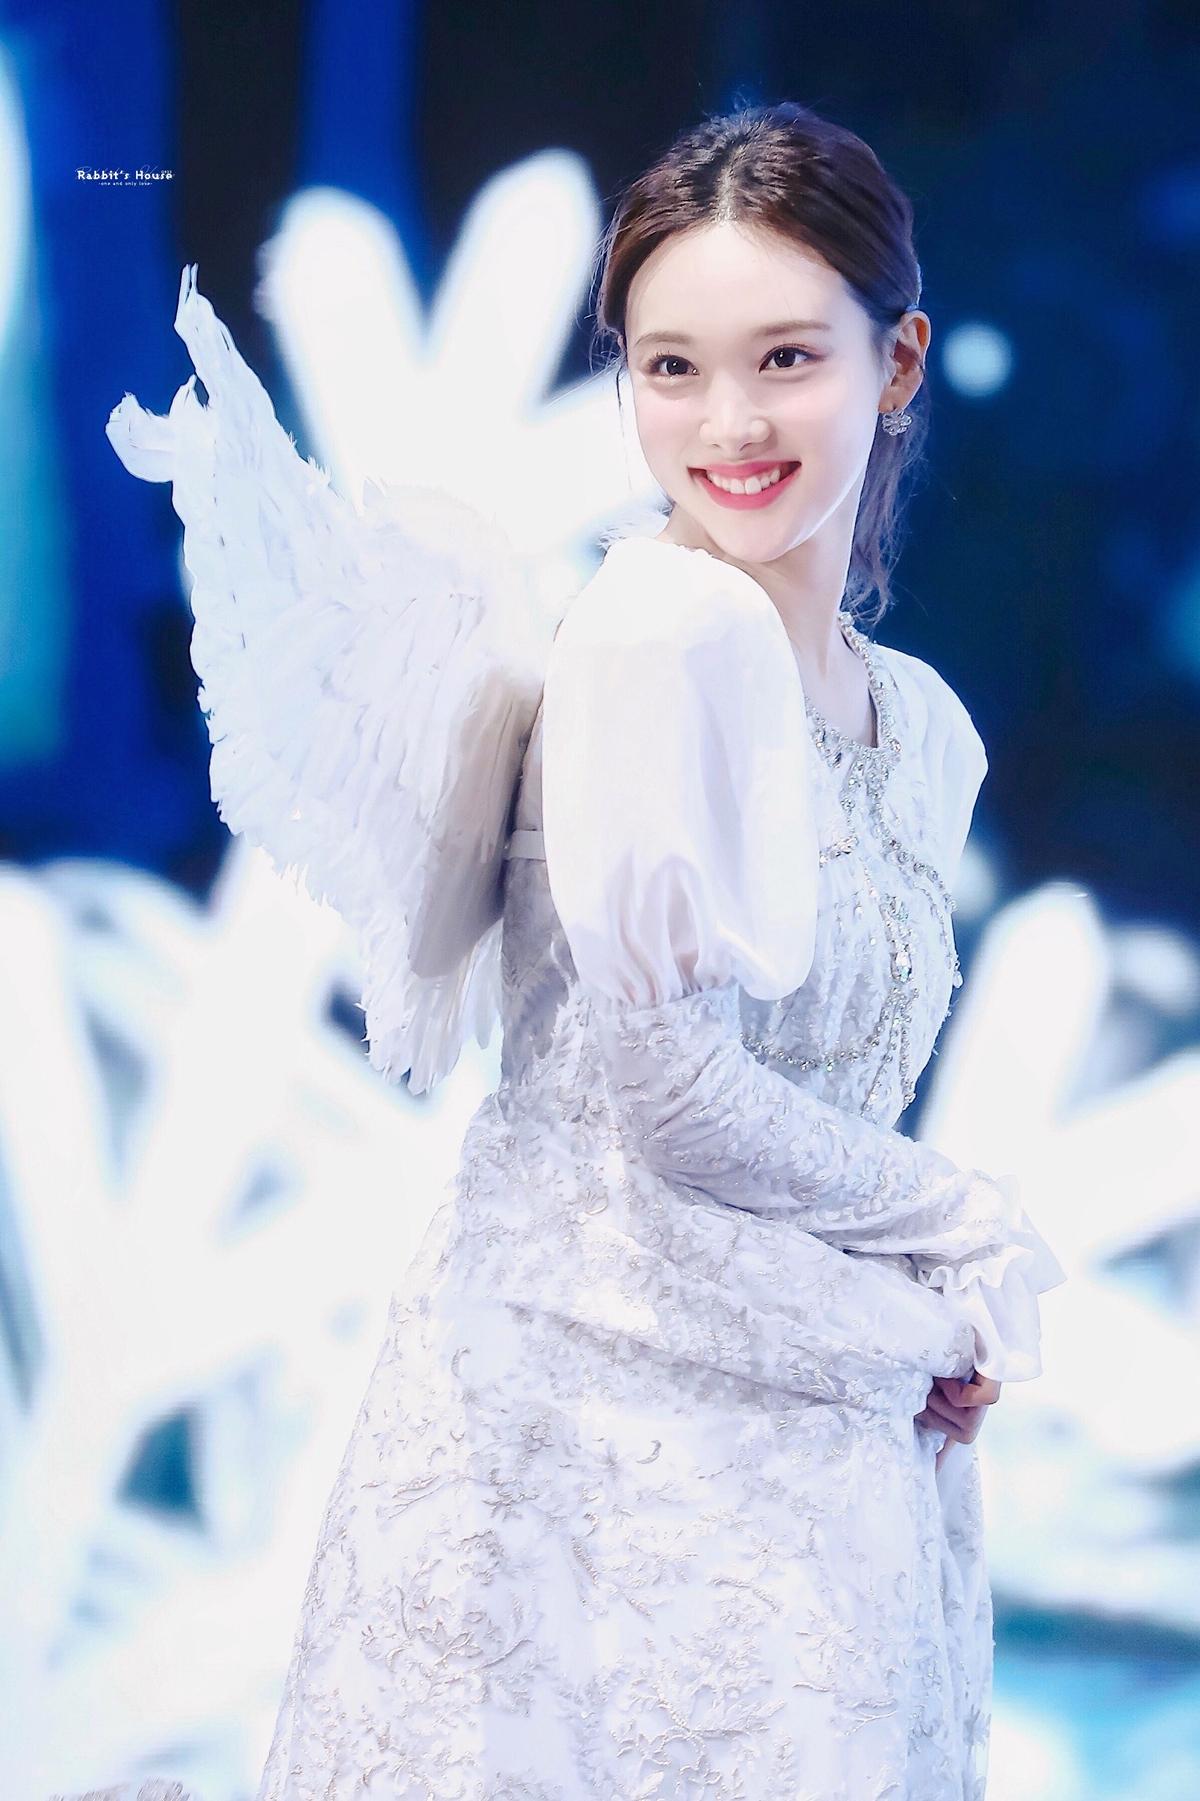 Khoảnh khắc sao Kpop hóa thiên thần váy trắng đẹp tinh khôi - 2